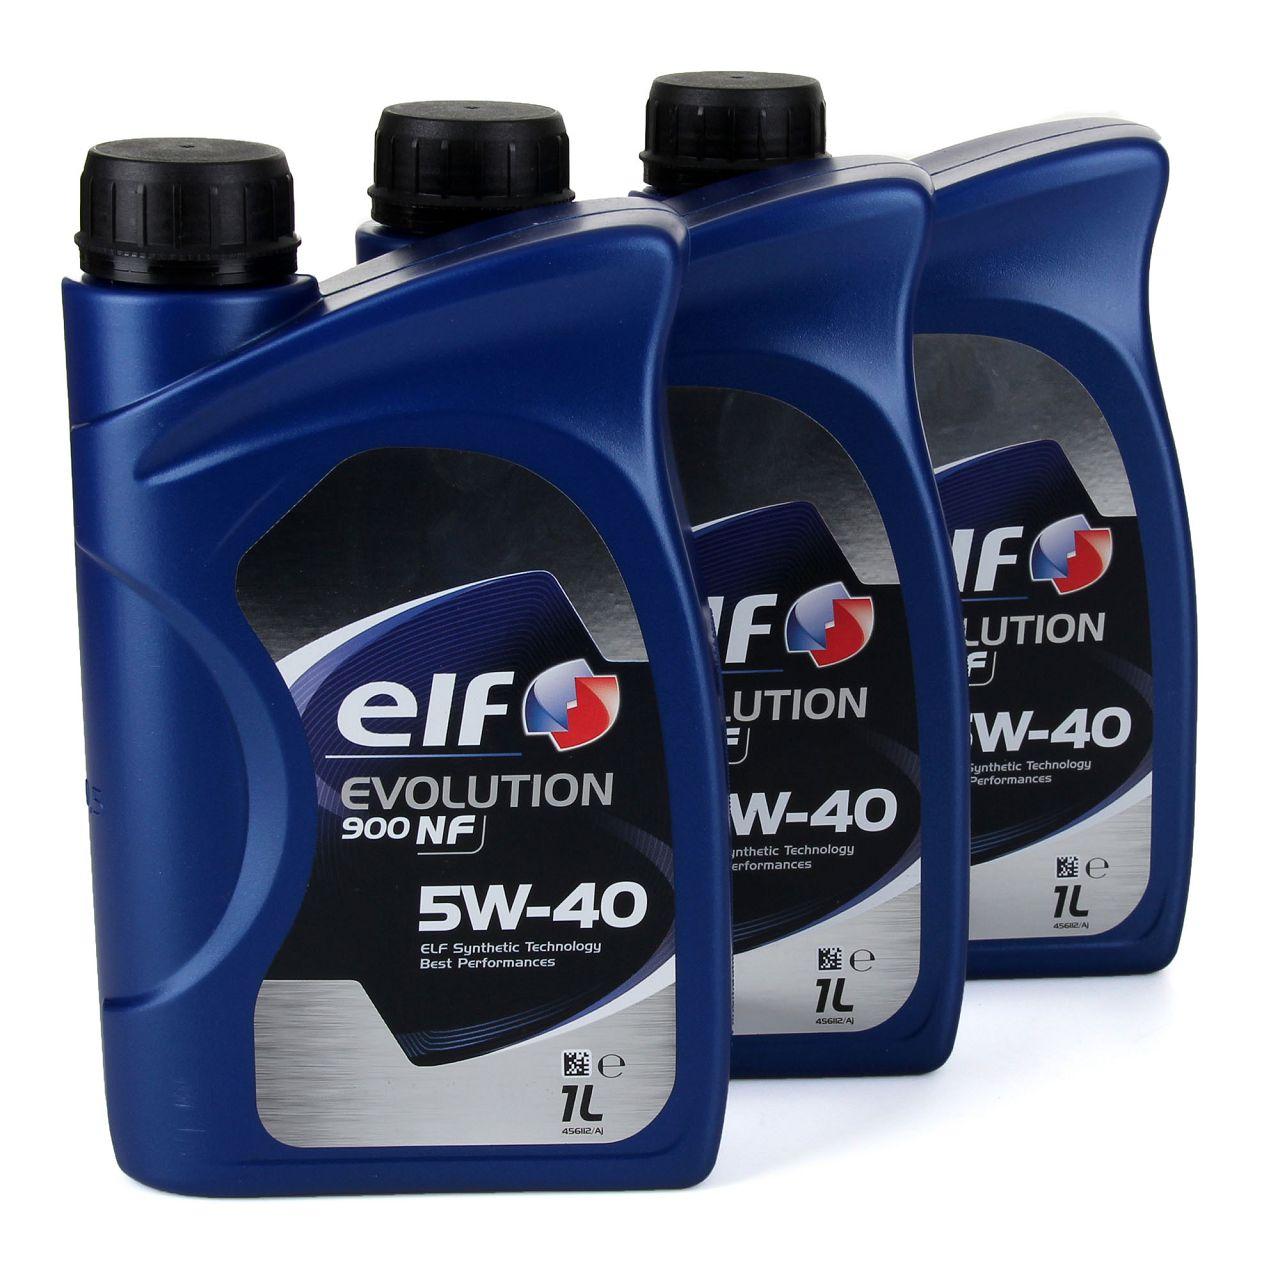 elf Evolution 900 NF 5W-40 Motoröl VW 502.00/505.00 MERCEDES 229.3 - 3L 3 Liter